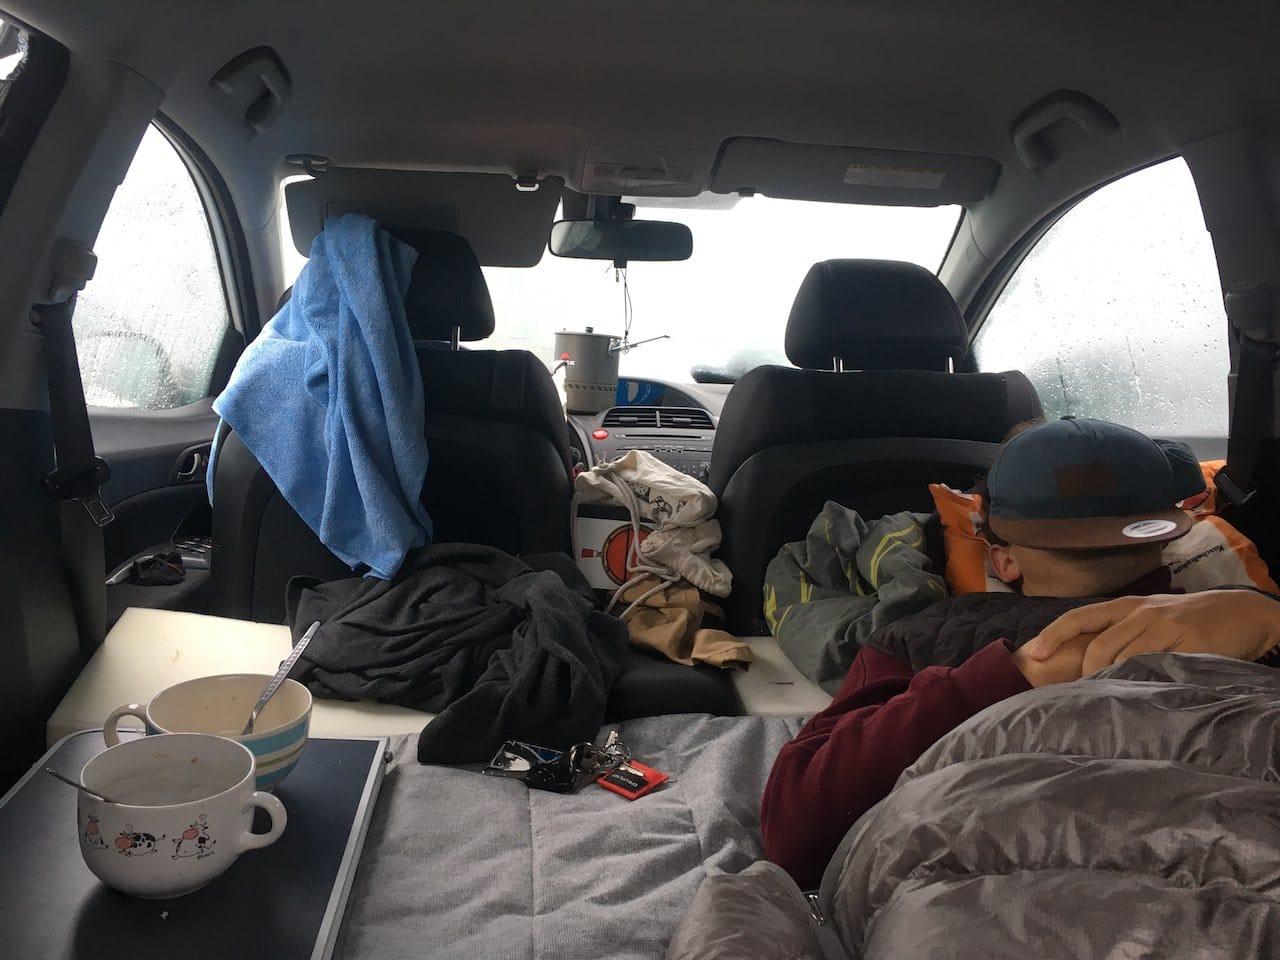 Camperlife im Minicamper